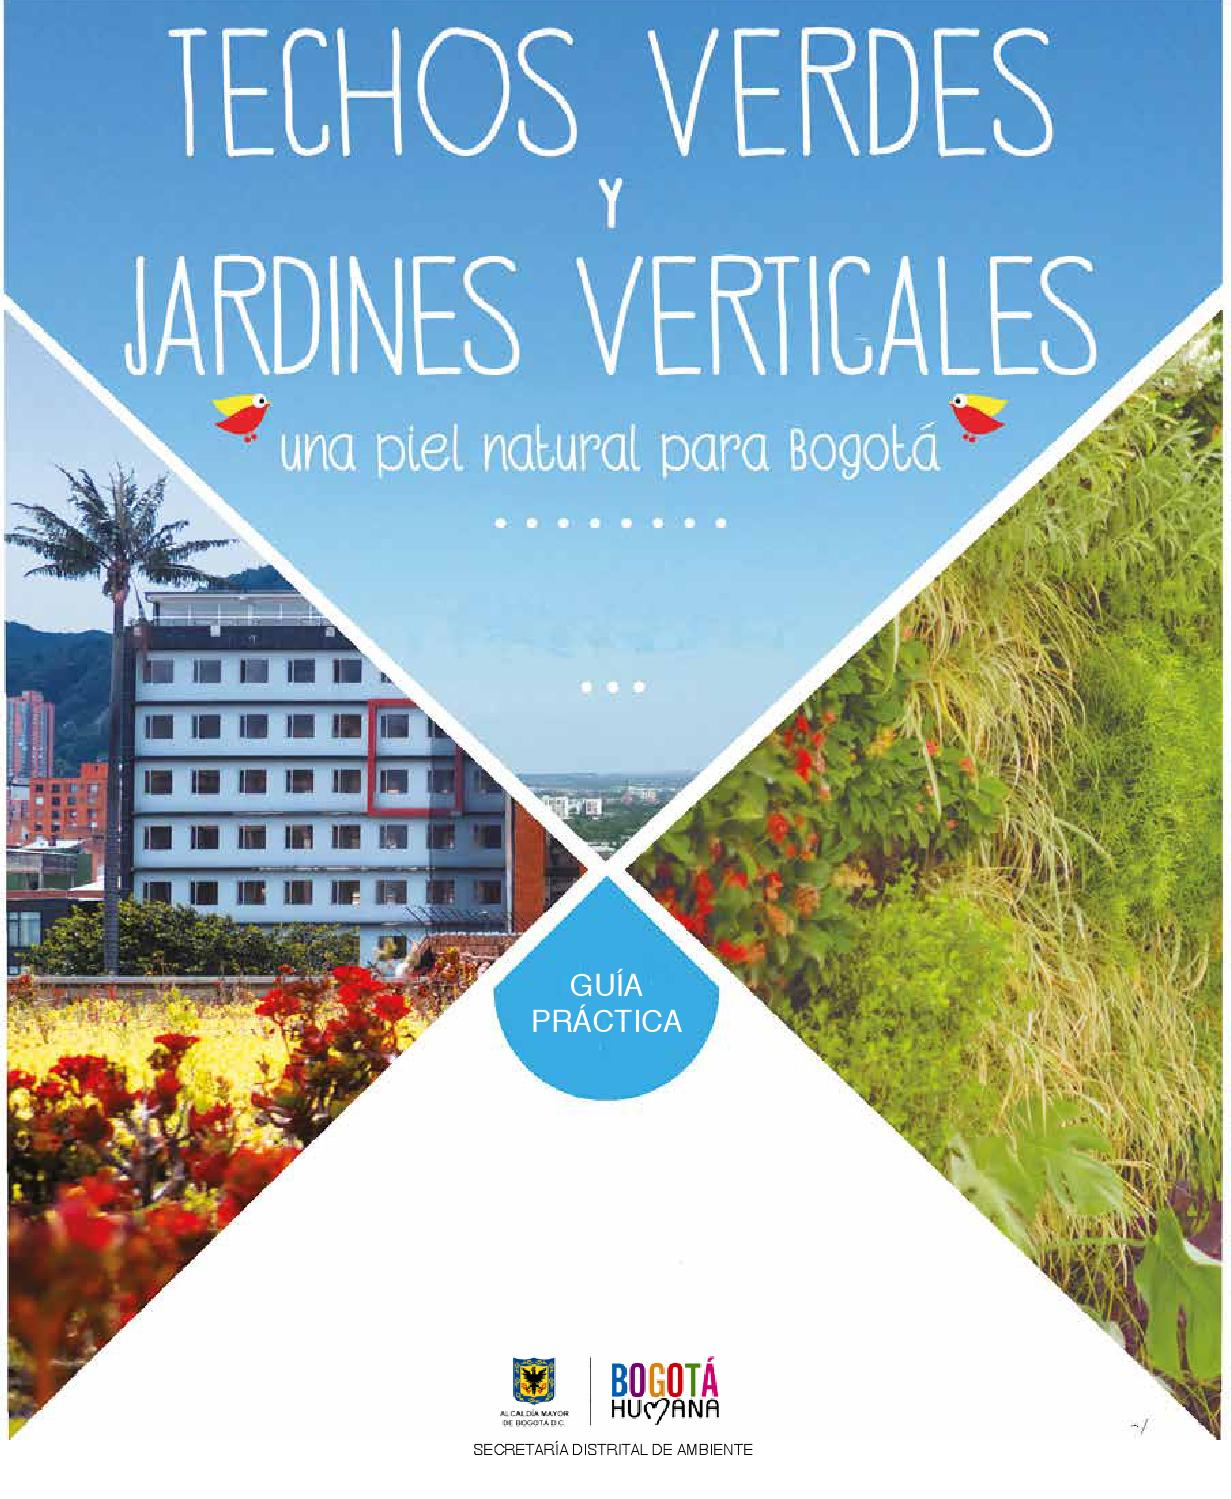 Issuu guia de techos verdes y jardines verticales by Techos verdes y jardines verticales